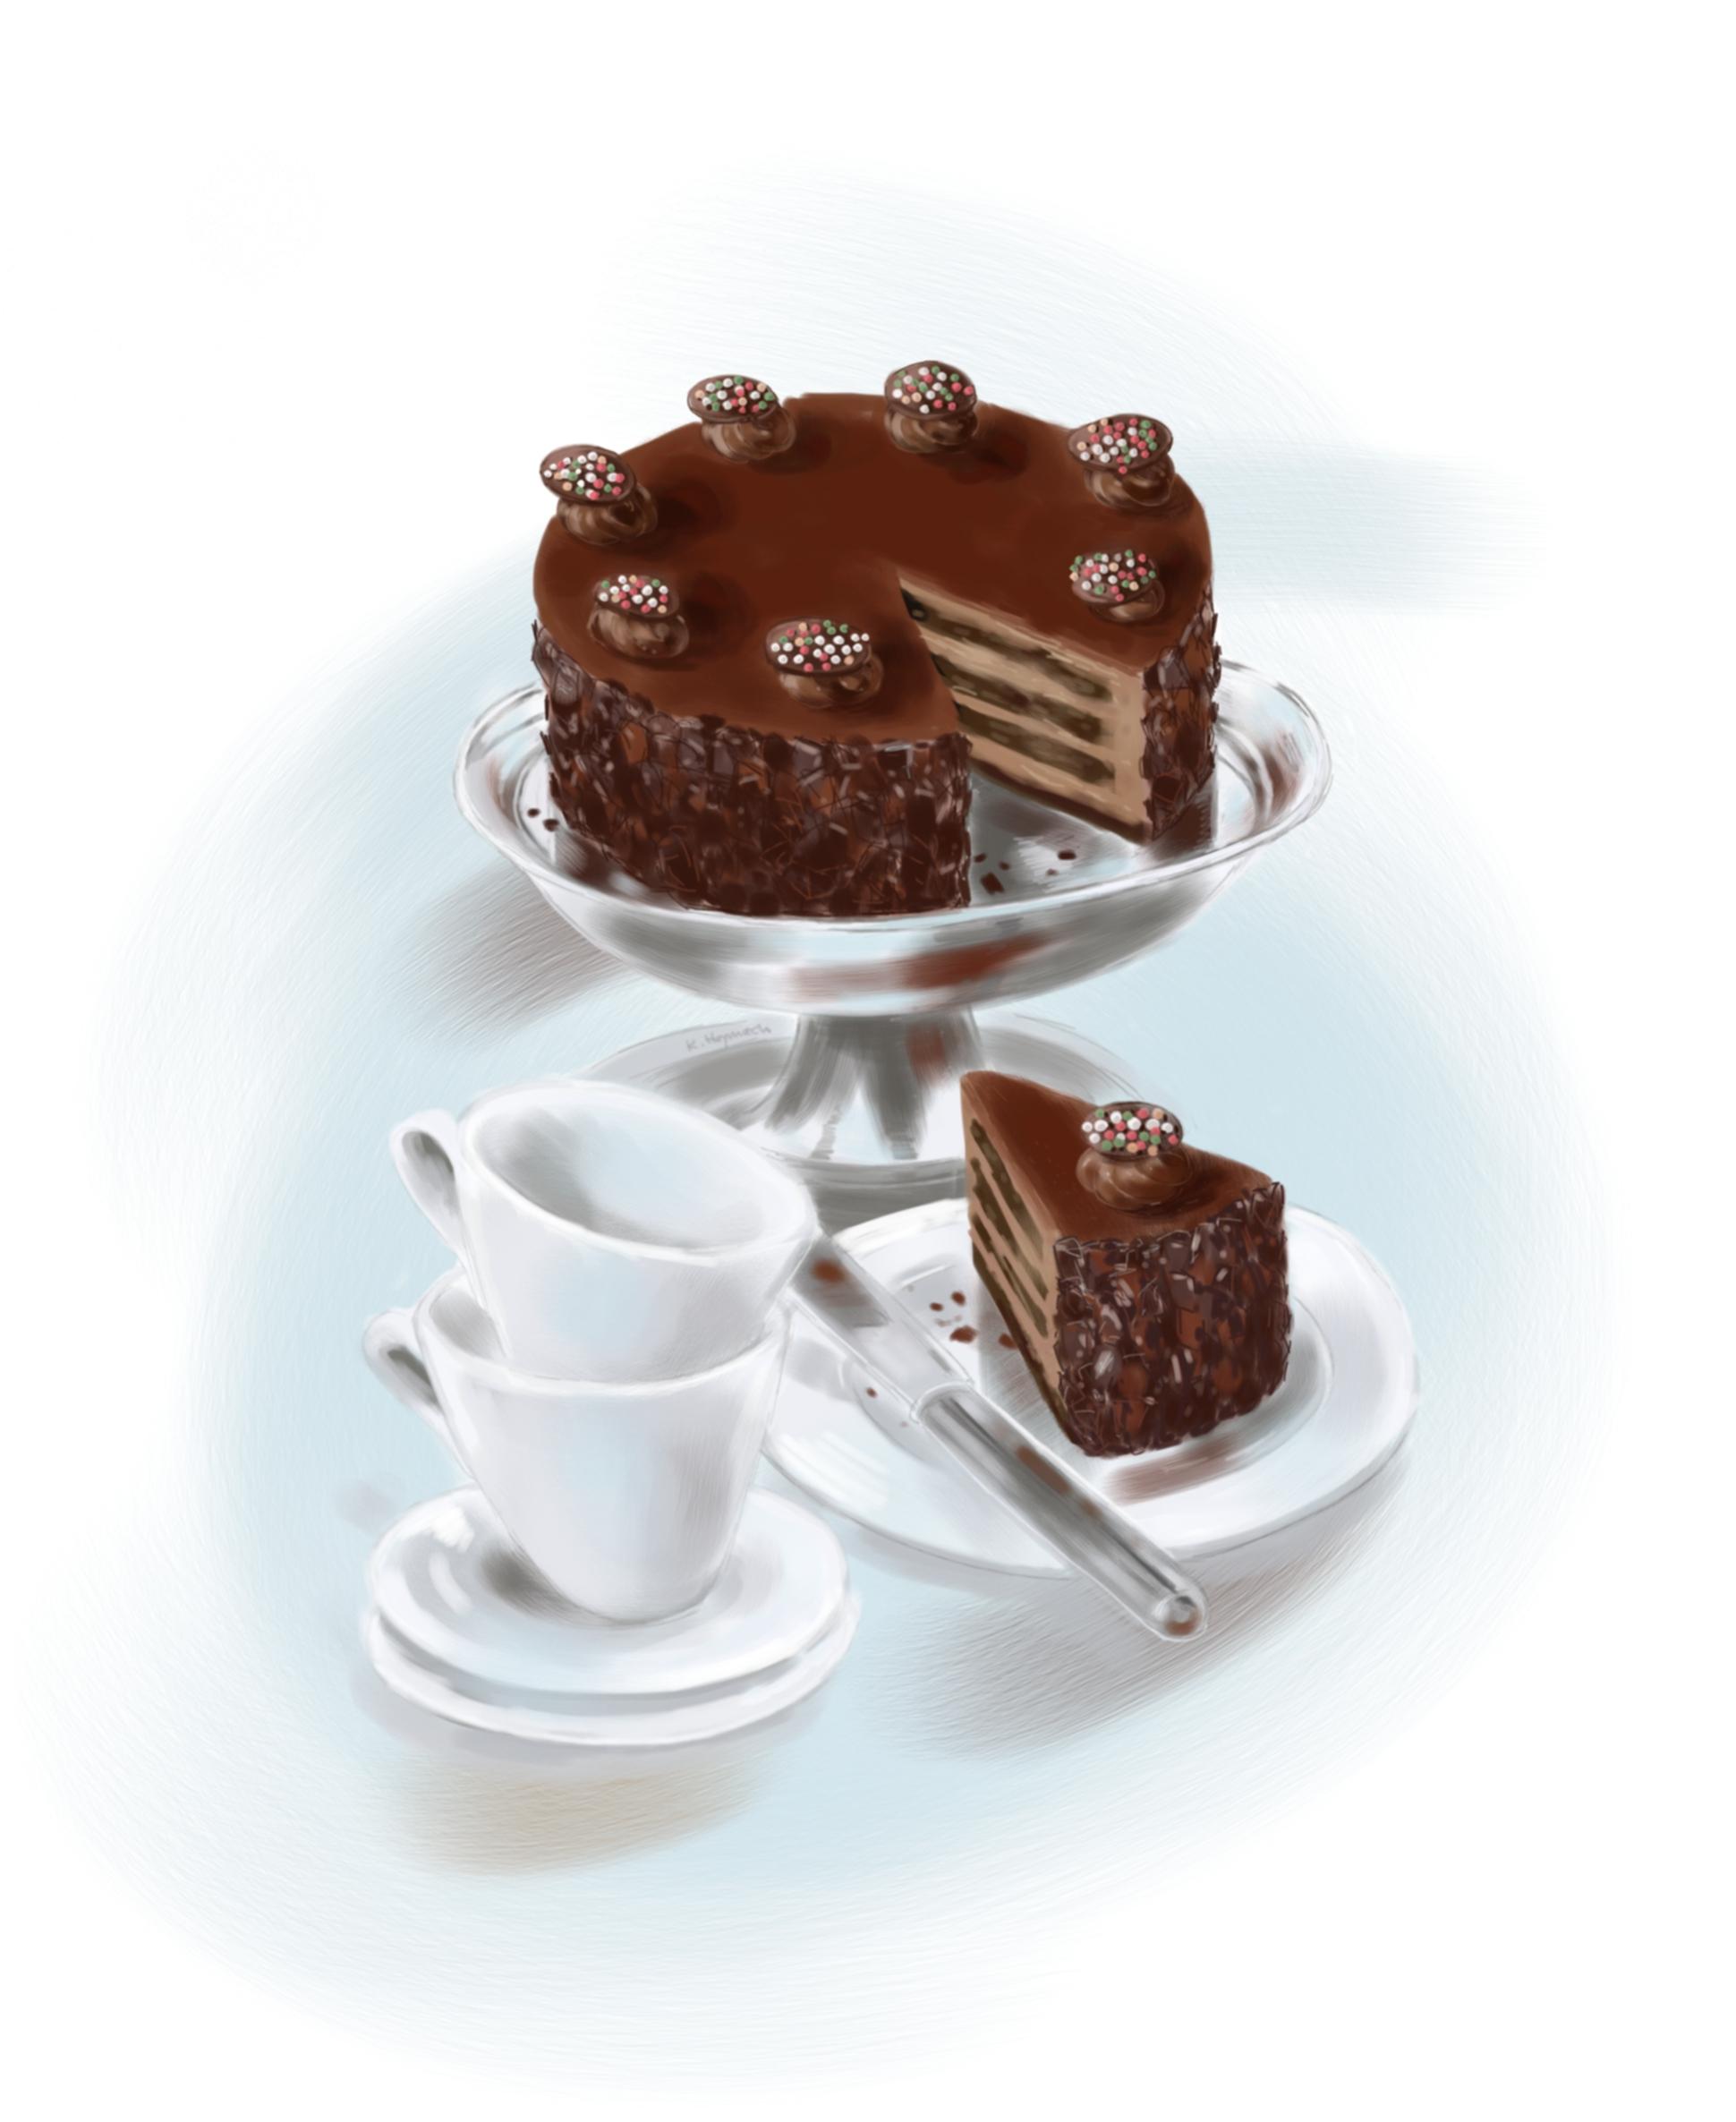 Stilleben mit Torte (c)kheymach